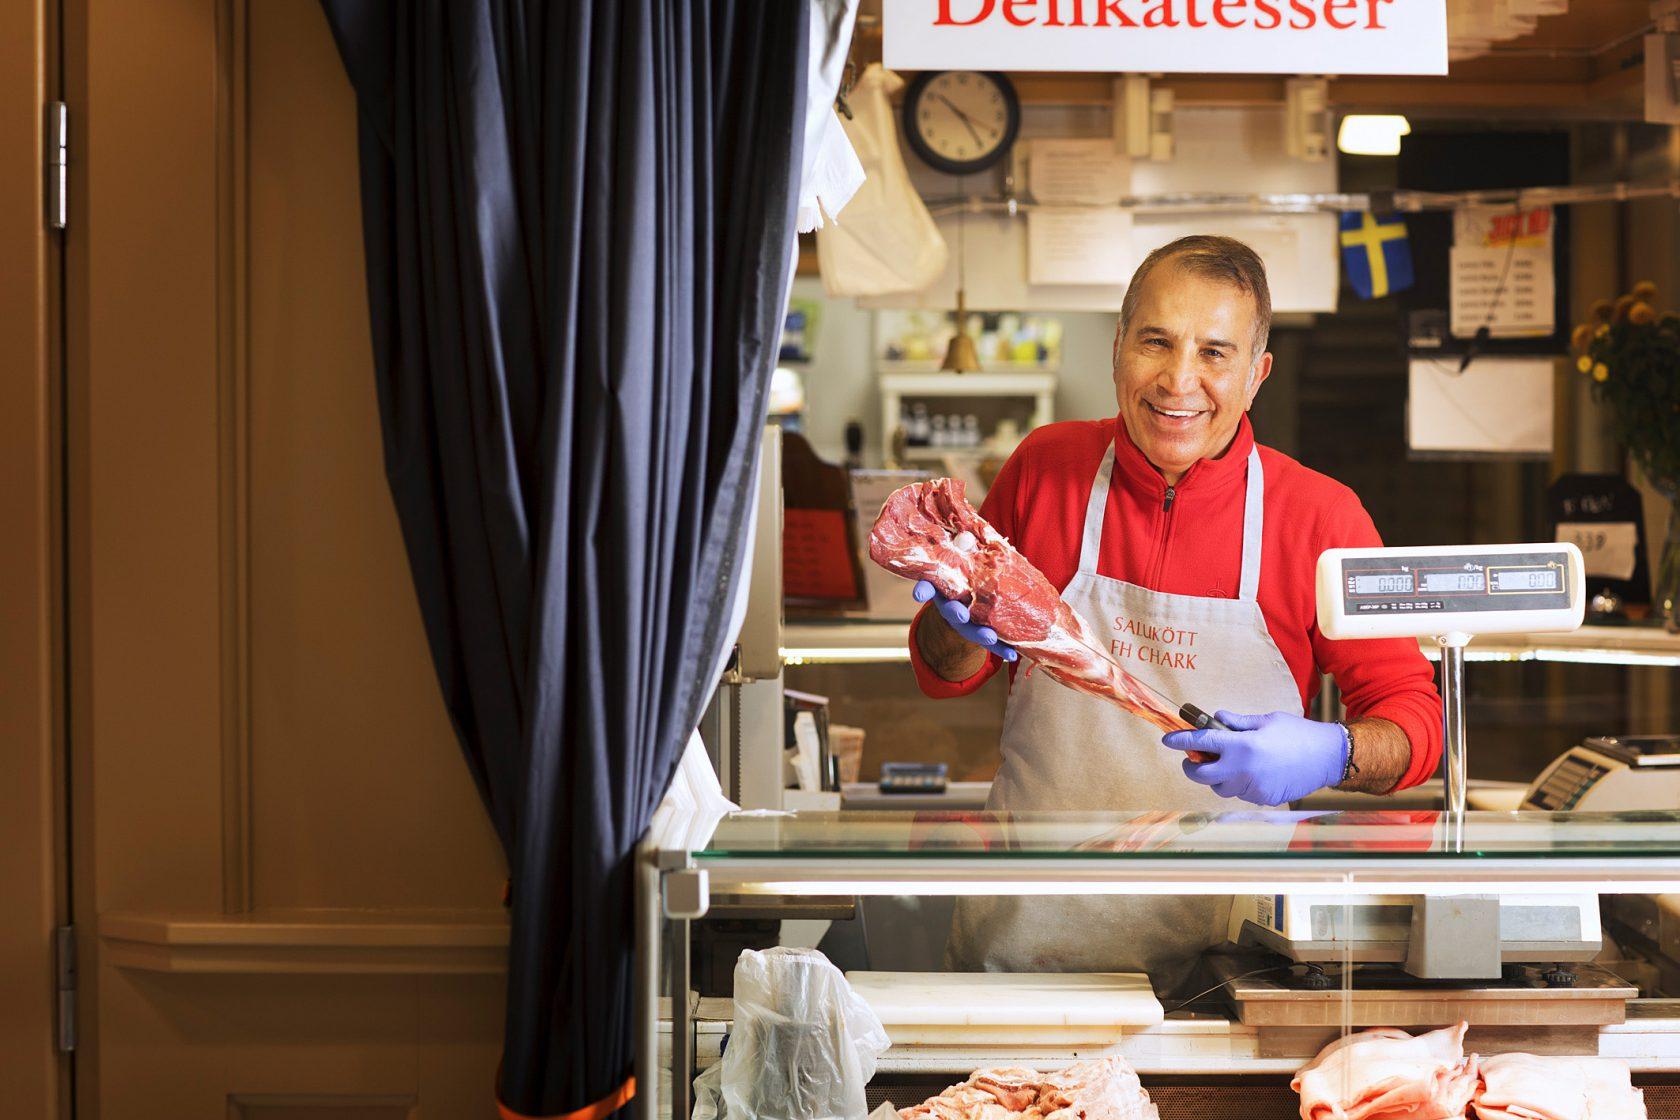 En man i personalen står bakom en disk med ett stycke kött i händerna.